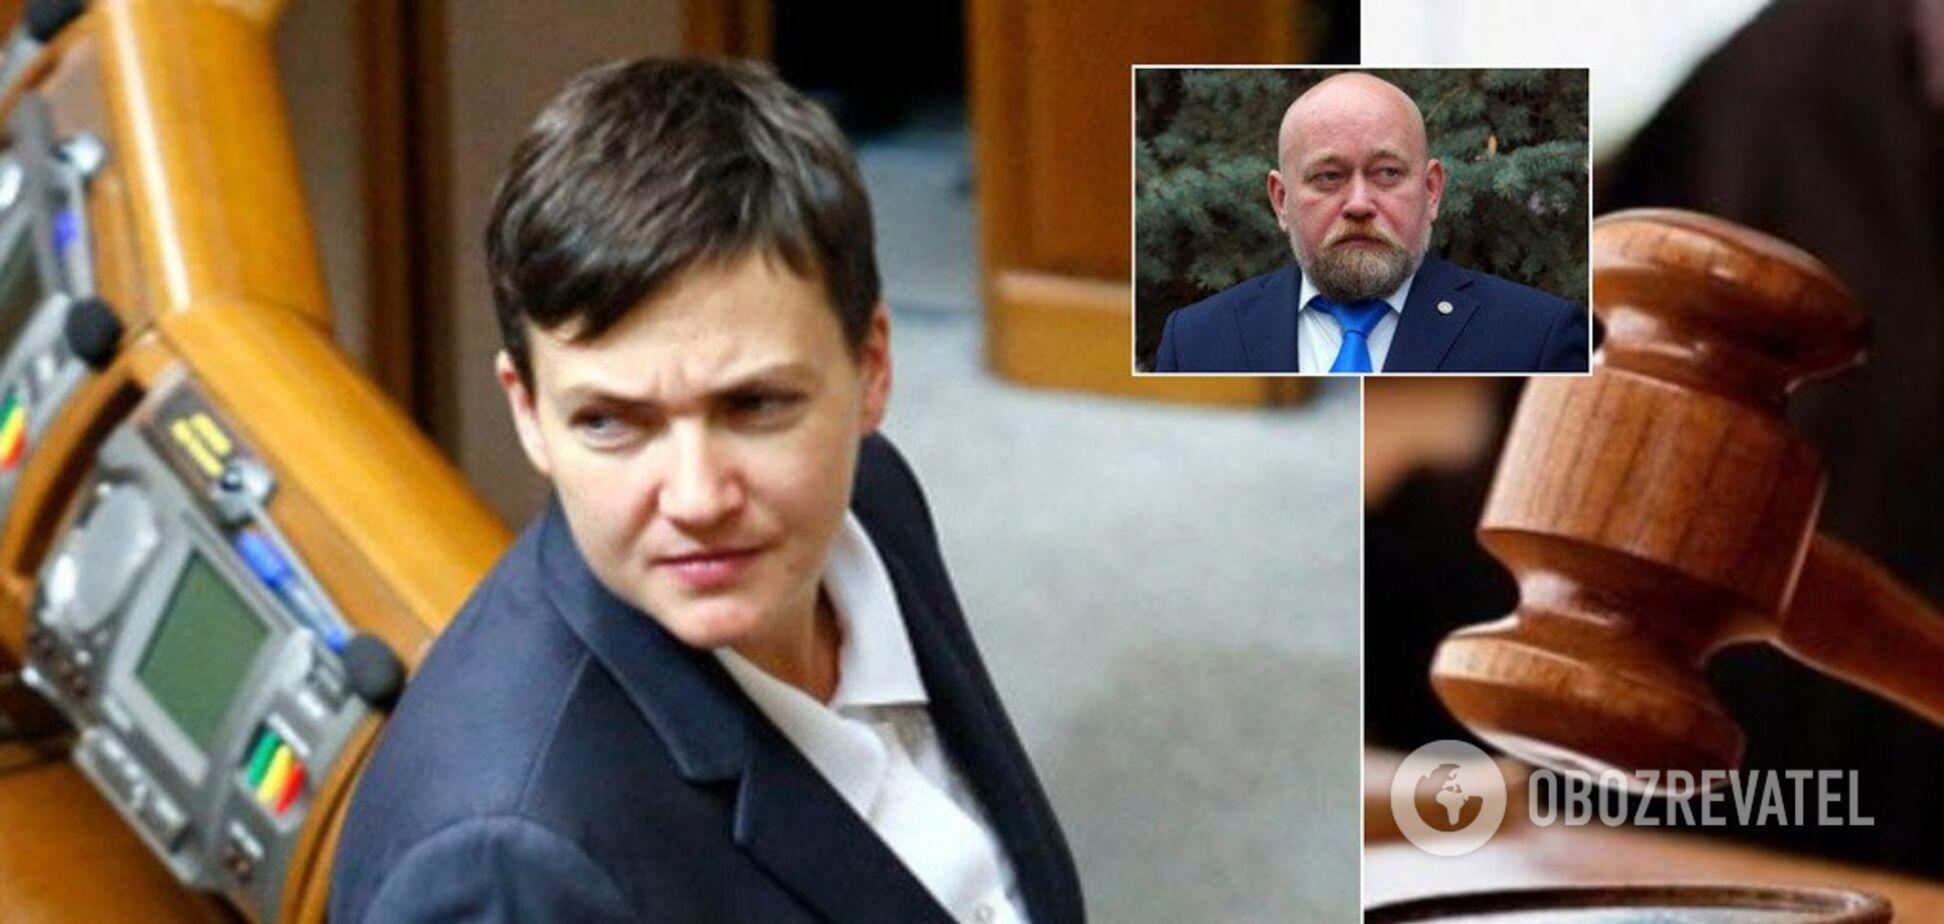 Савченко на волі і зібралася в Раду: як так вийшло і що далі